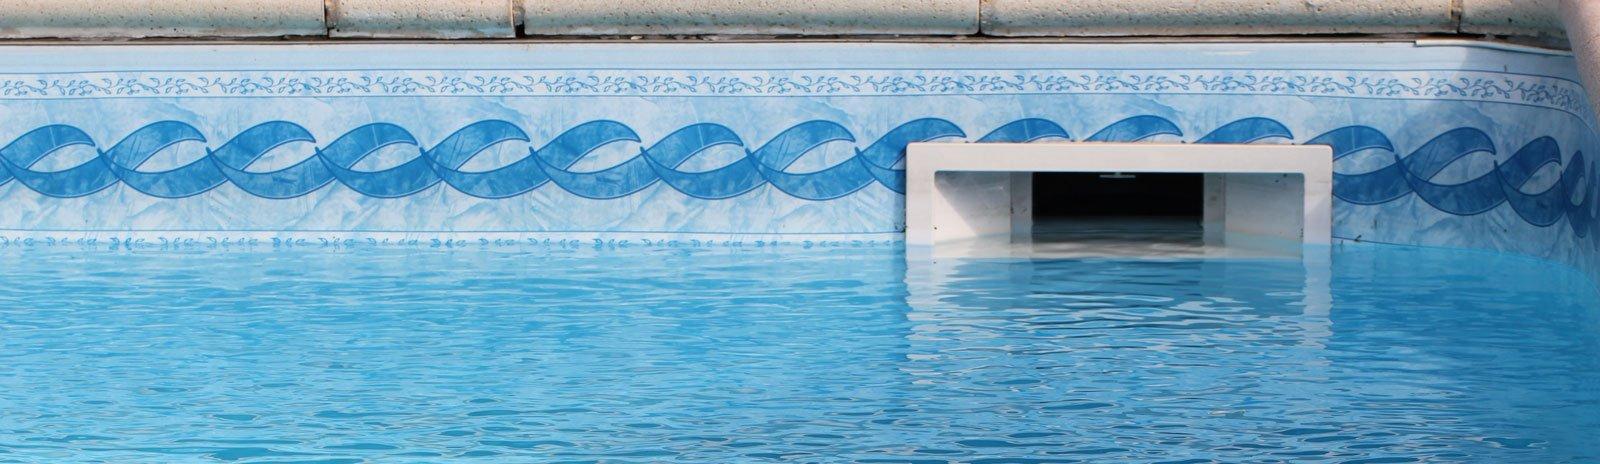 Cómo limpiar la línea de flotación de la piscina de forma efectiva